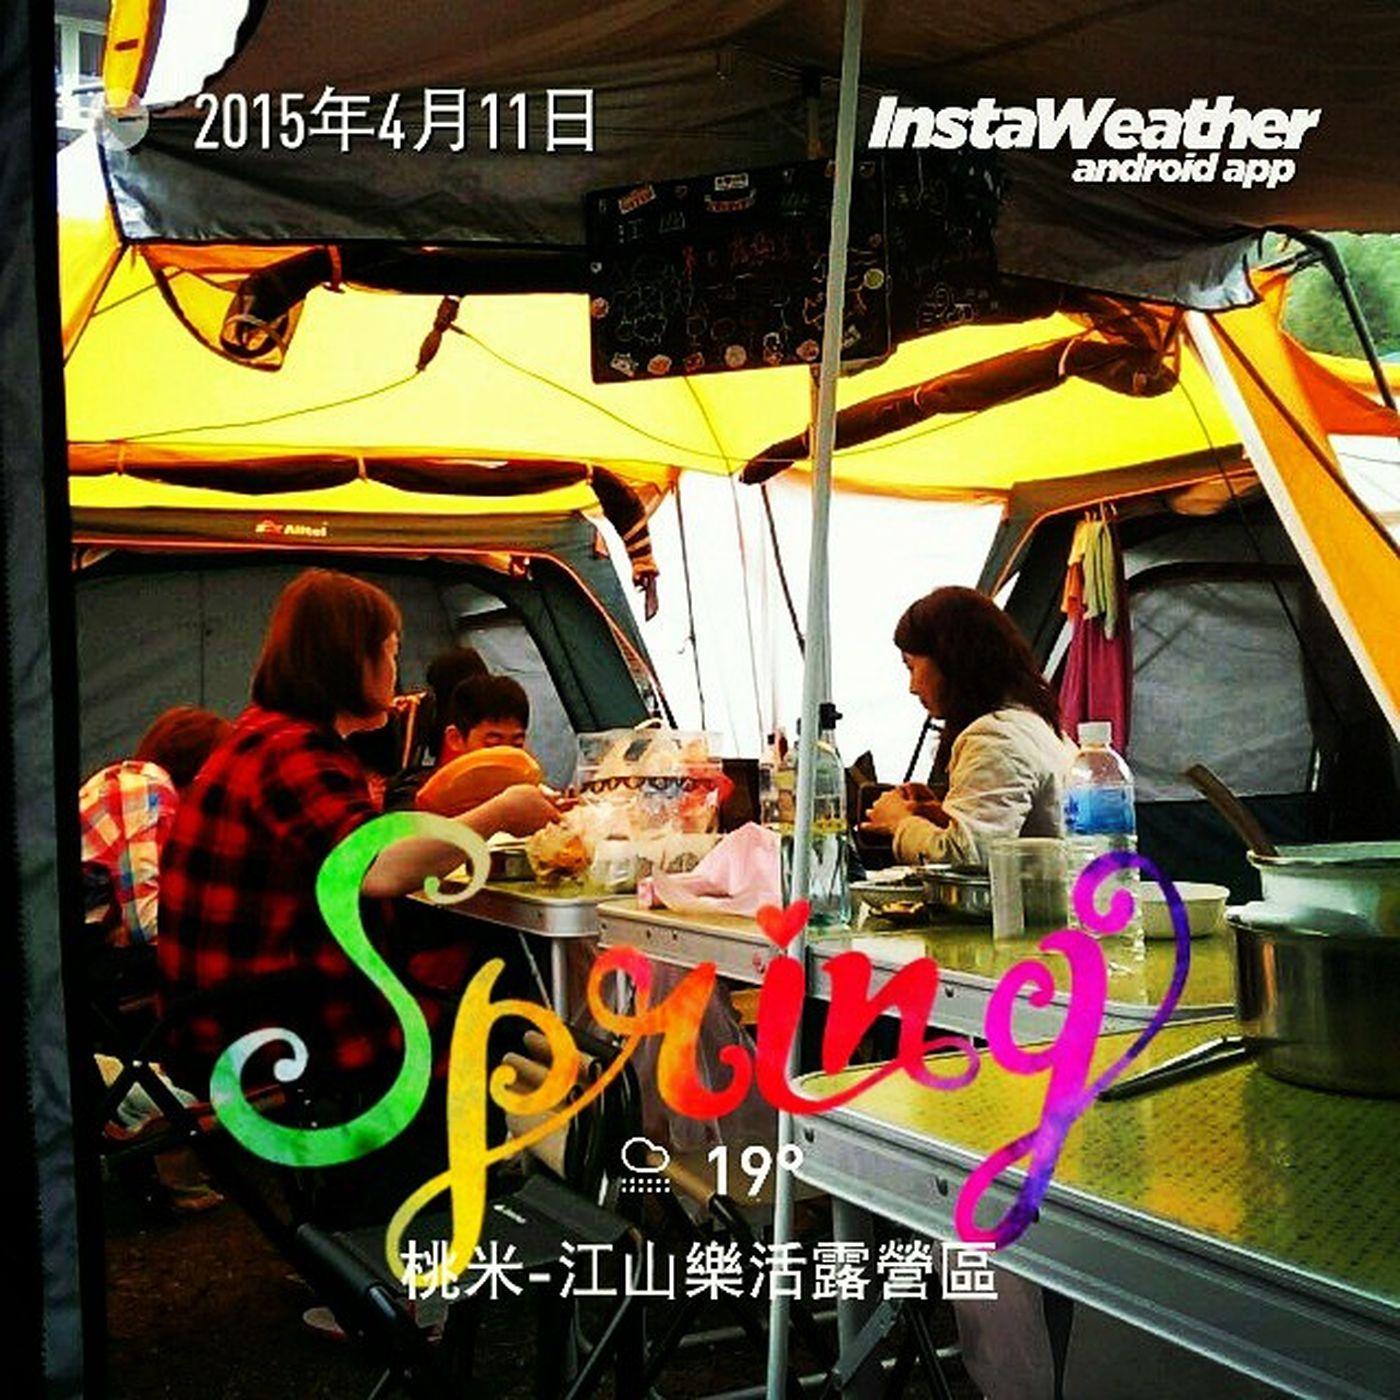 第七露,第二次遇到下雨,覺得帳蓬防水性真的很重要。😂 埔里鎮 台灣 Day Spring rain evening tw